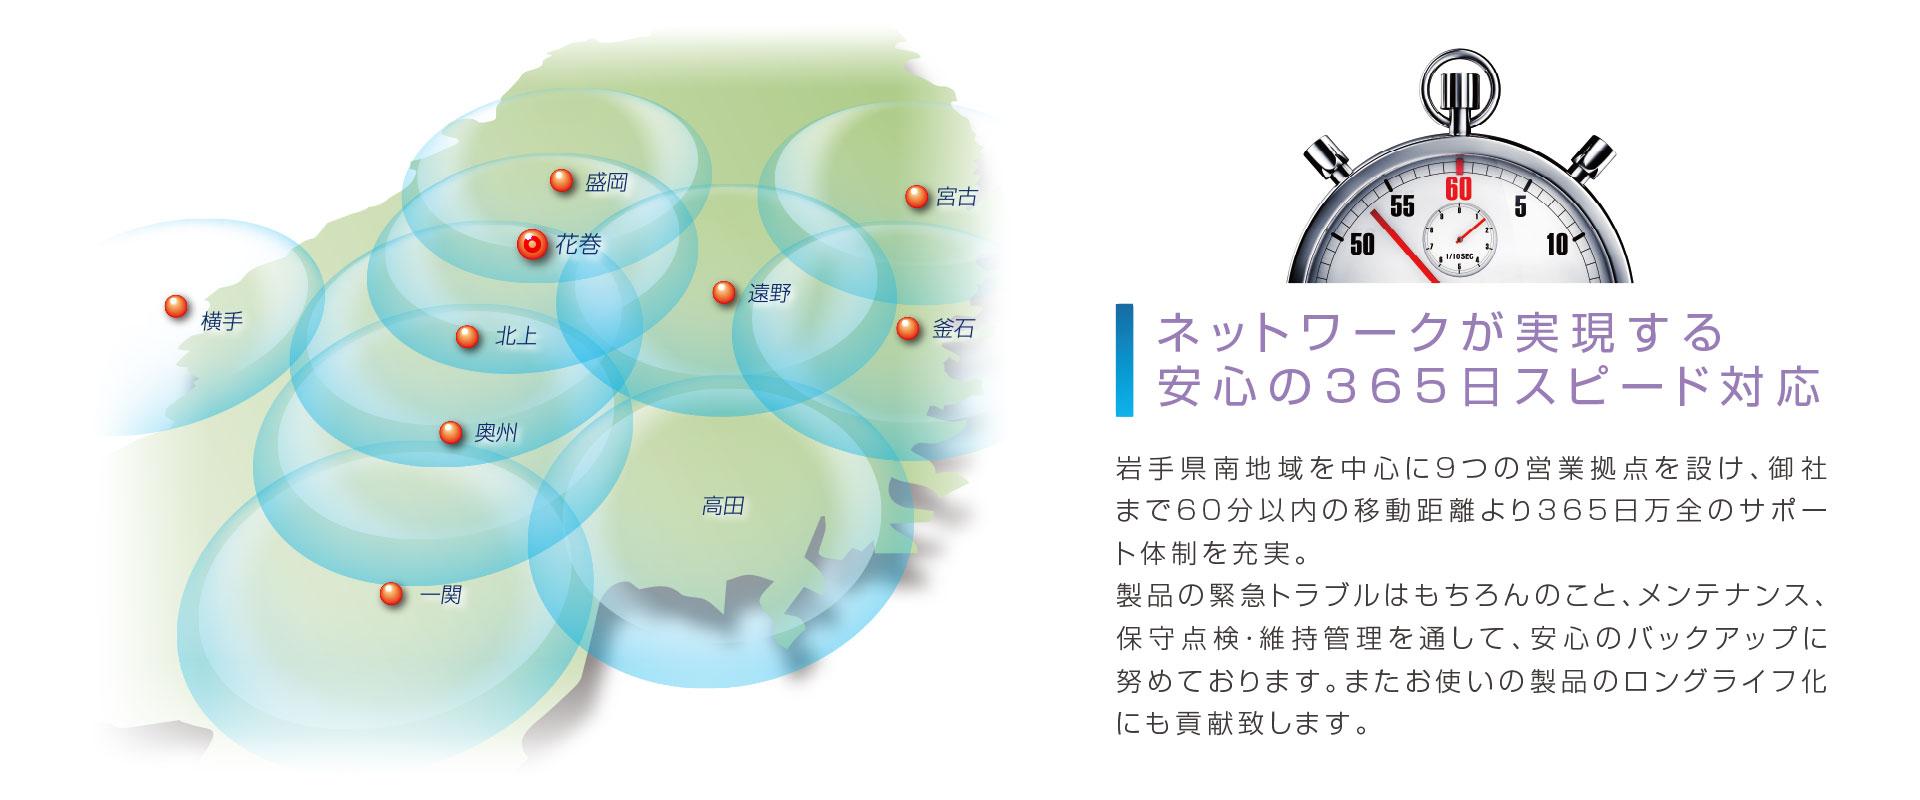 ネットワークが実現する 安心の365日スピード対応